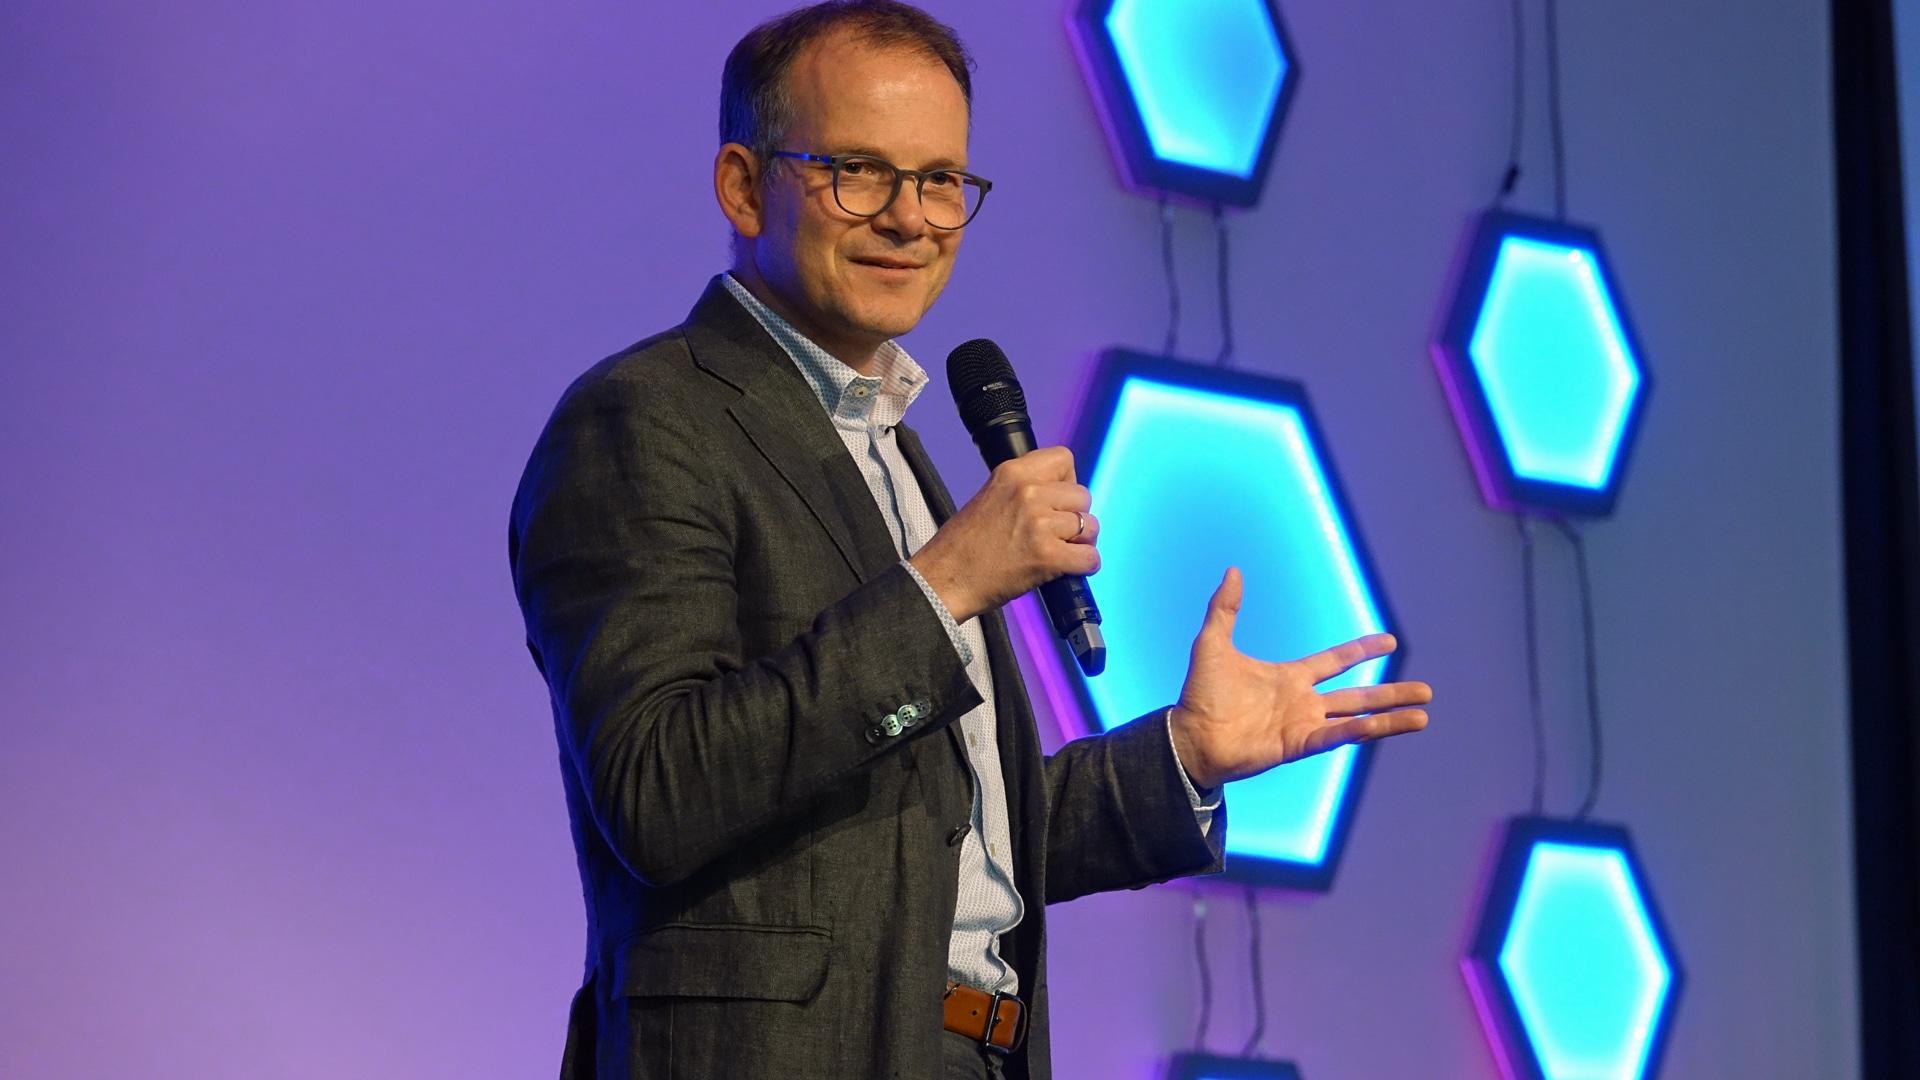 Reinhardt Schink, Generalsekretär der Deutschen Evangelischen Allianz, begrüßte die Teilnehmer zu Beginn der Veranstaltung